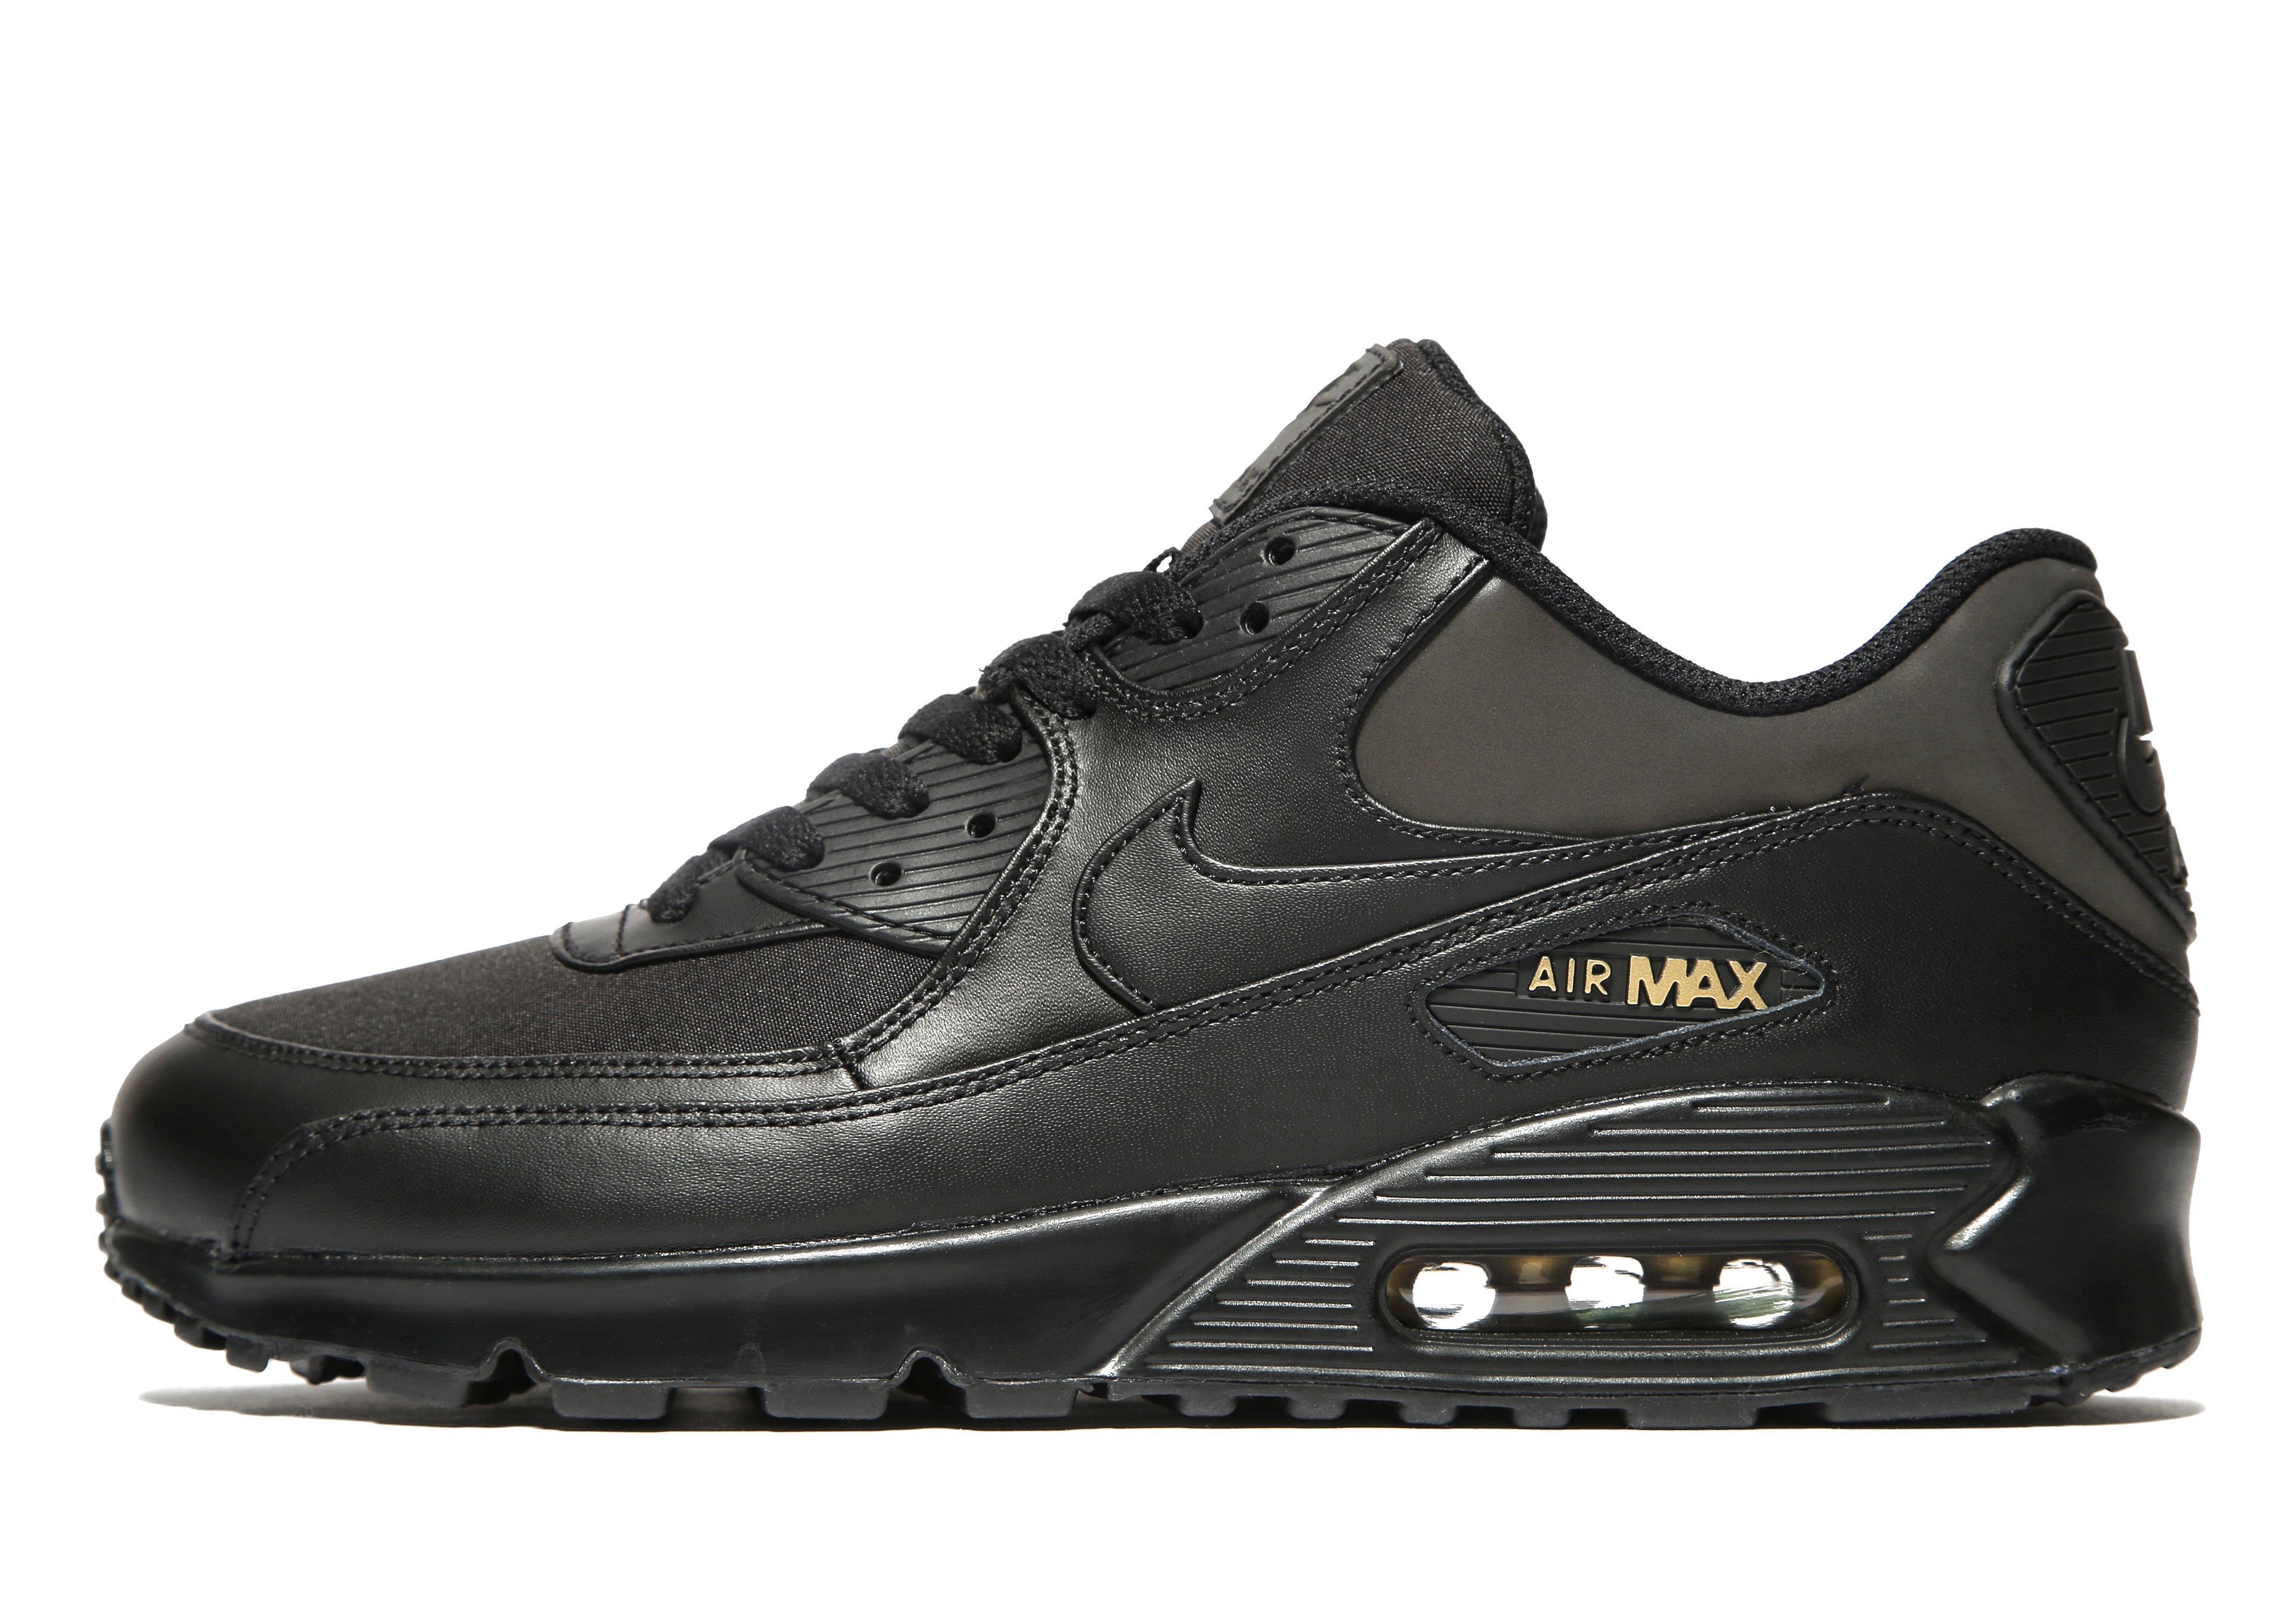 Nike Air Max 90 Tous Les Noirs